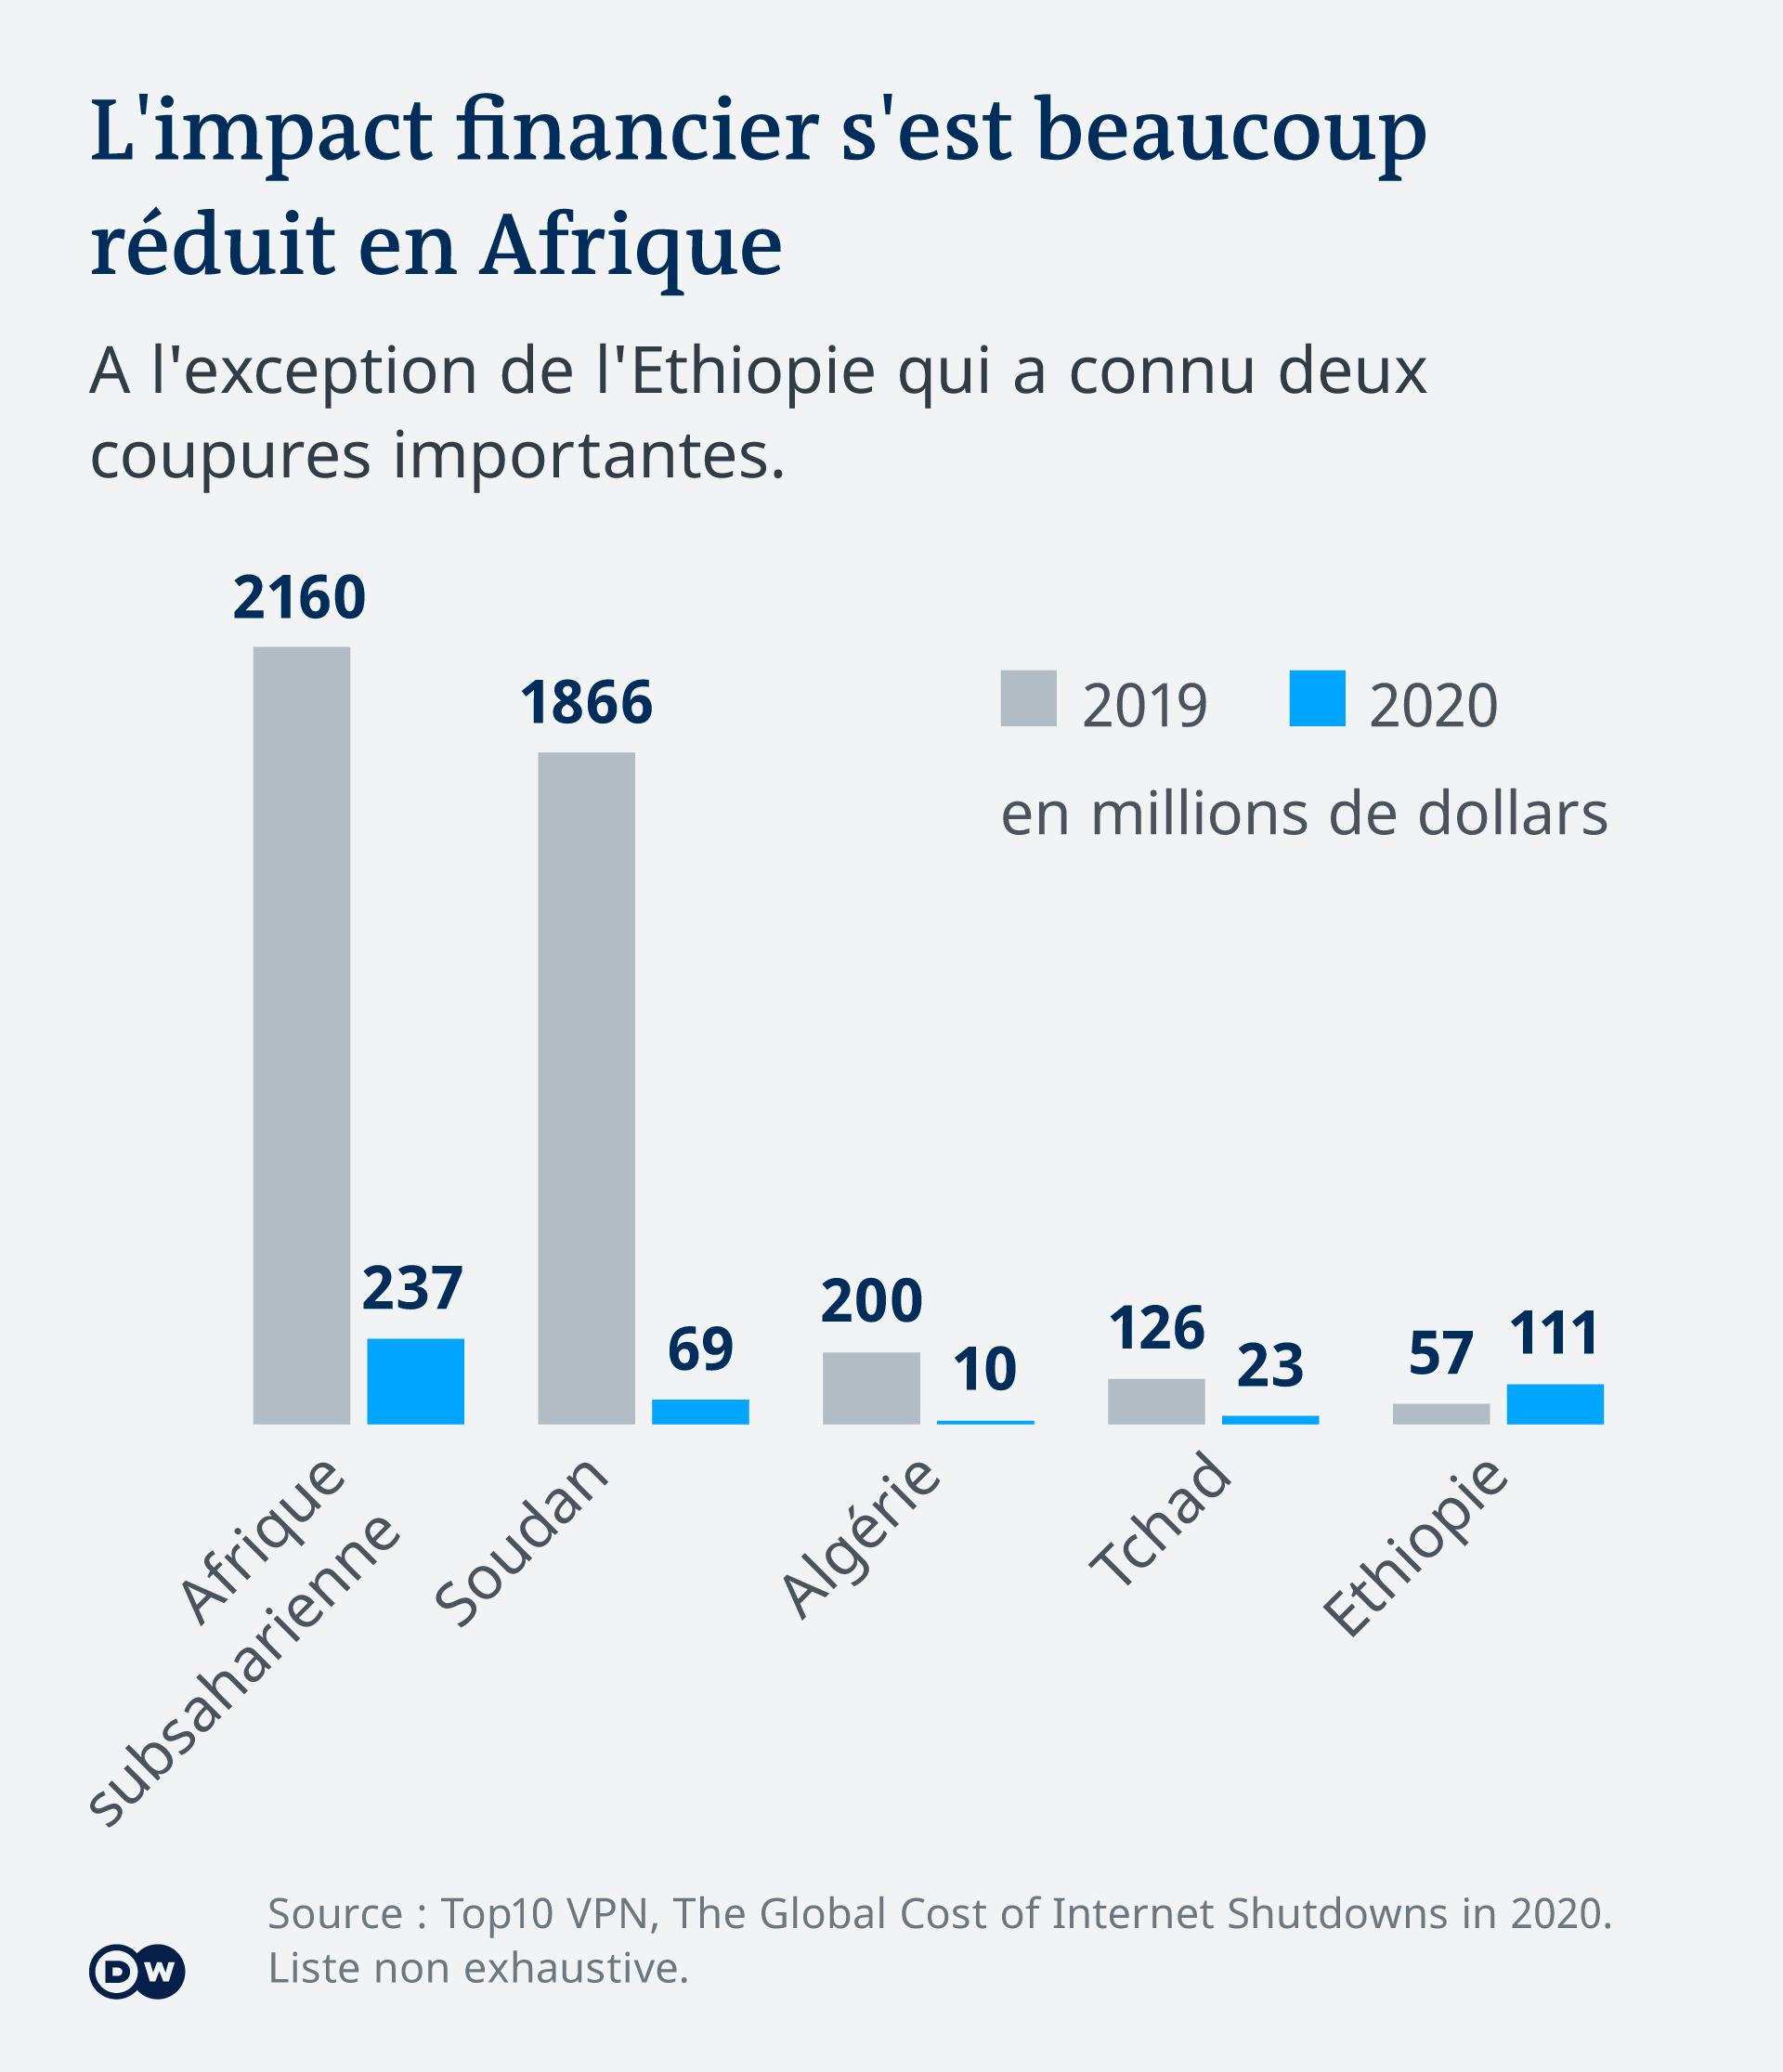 Le coût des coupures a malgré tout été divisé par dix entre 2019 et 2020 en Afrique